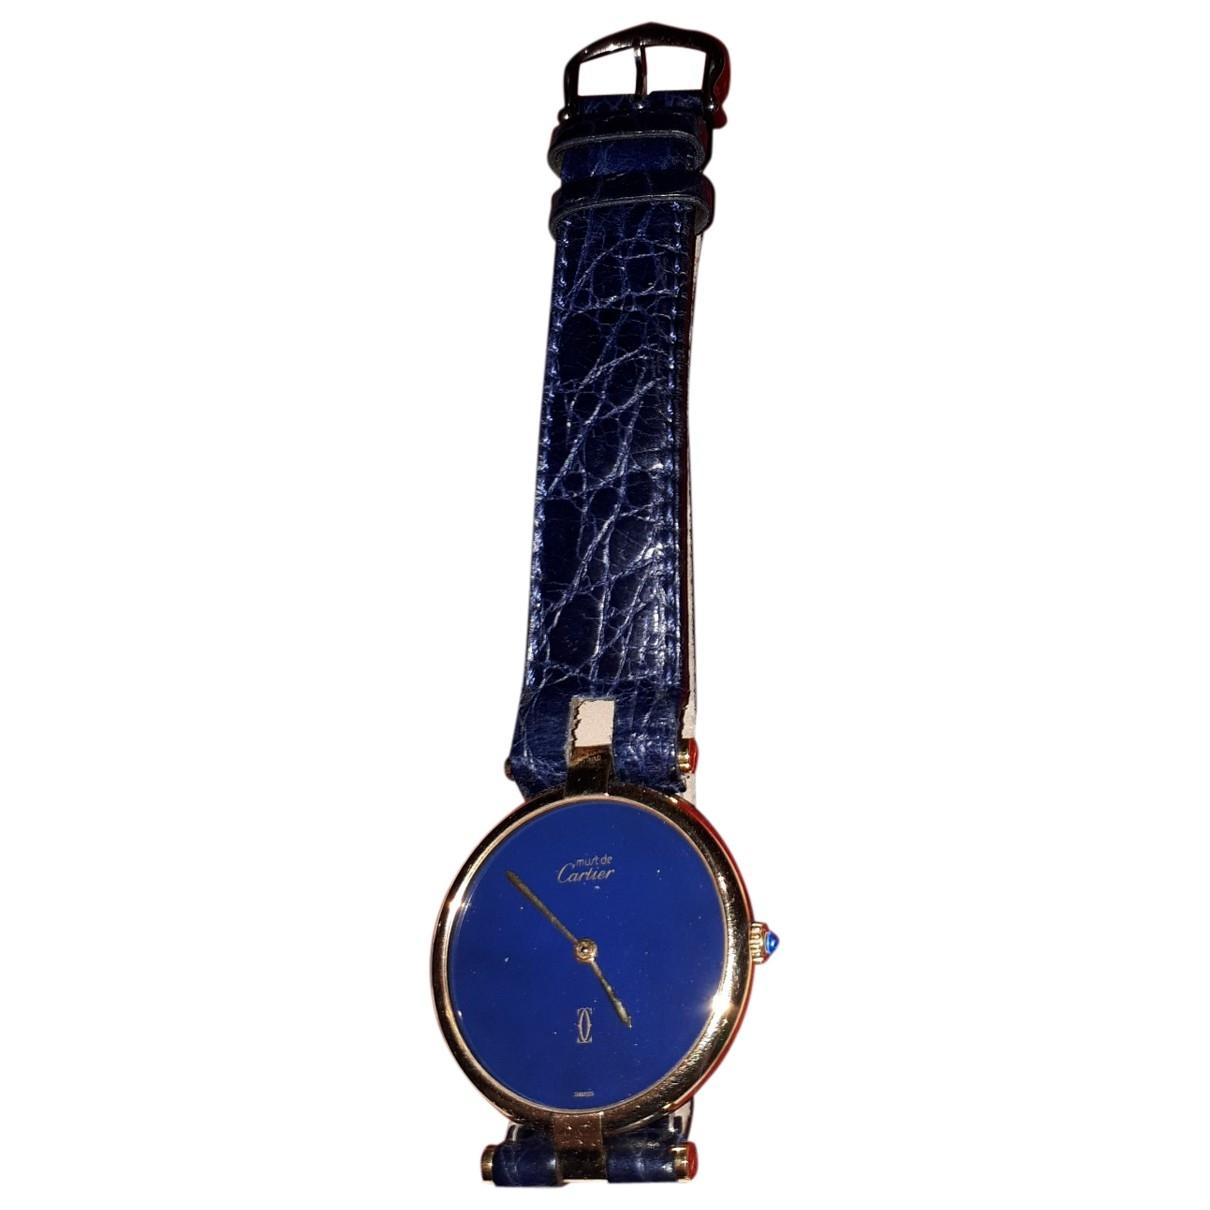 Cartier - Montre Must Vendome  pour femme en vermeil - bleu